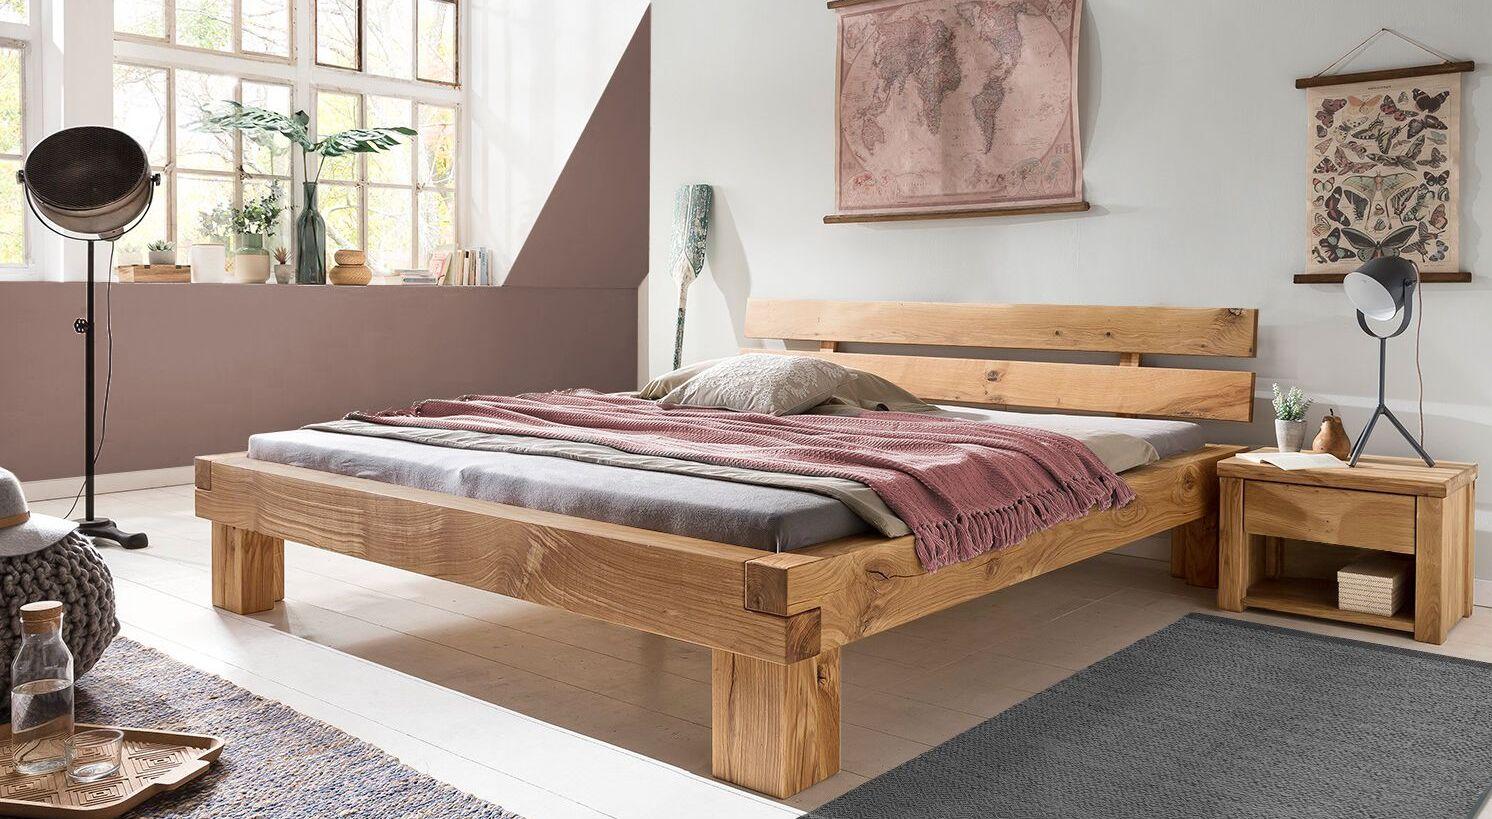 Bett Areska mit passendem Nachttisch